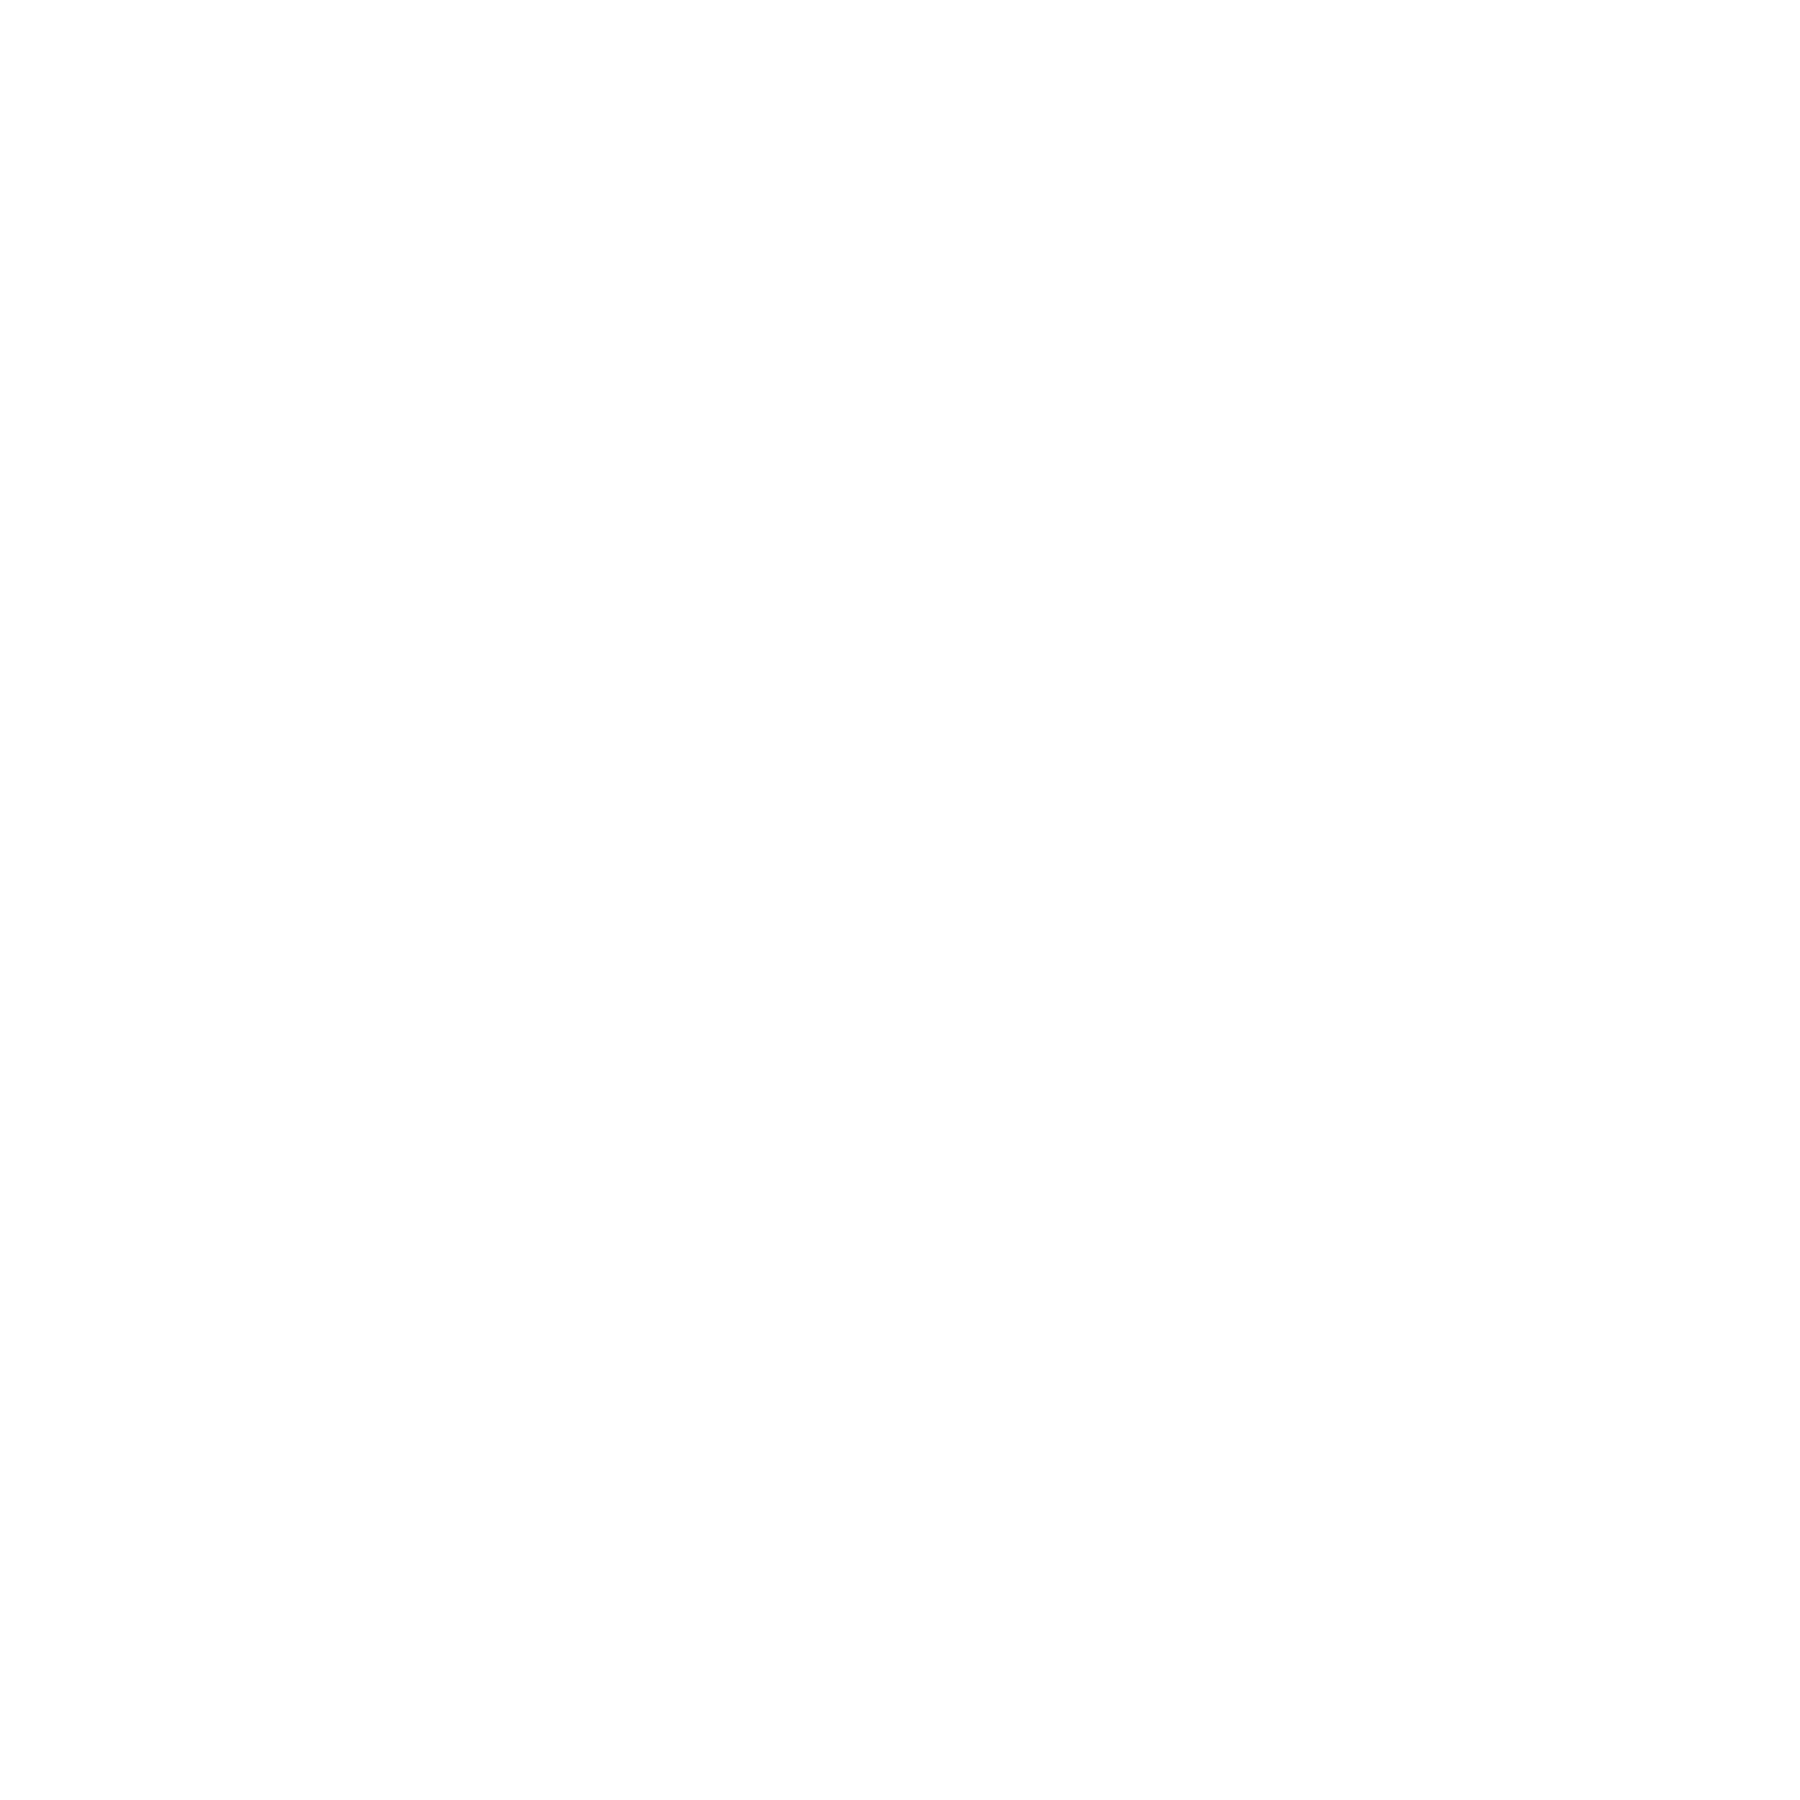 Cascade Racing designs logo